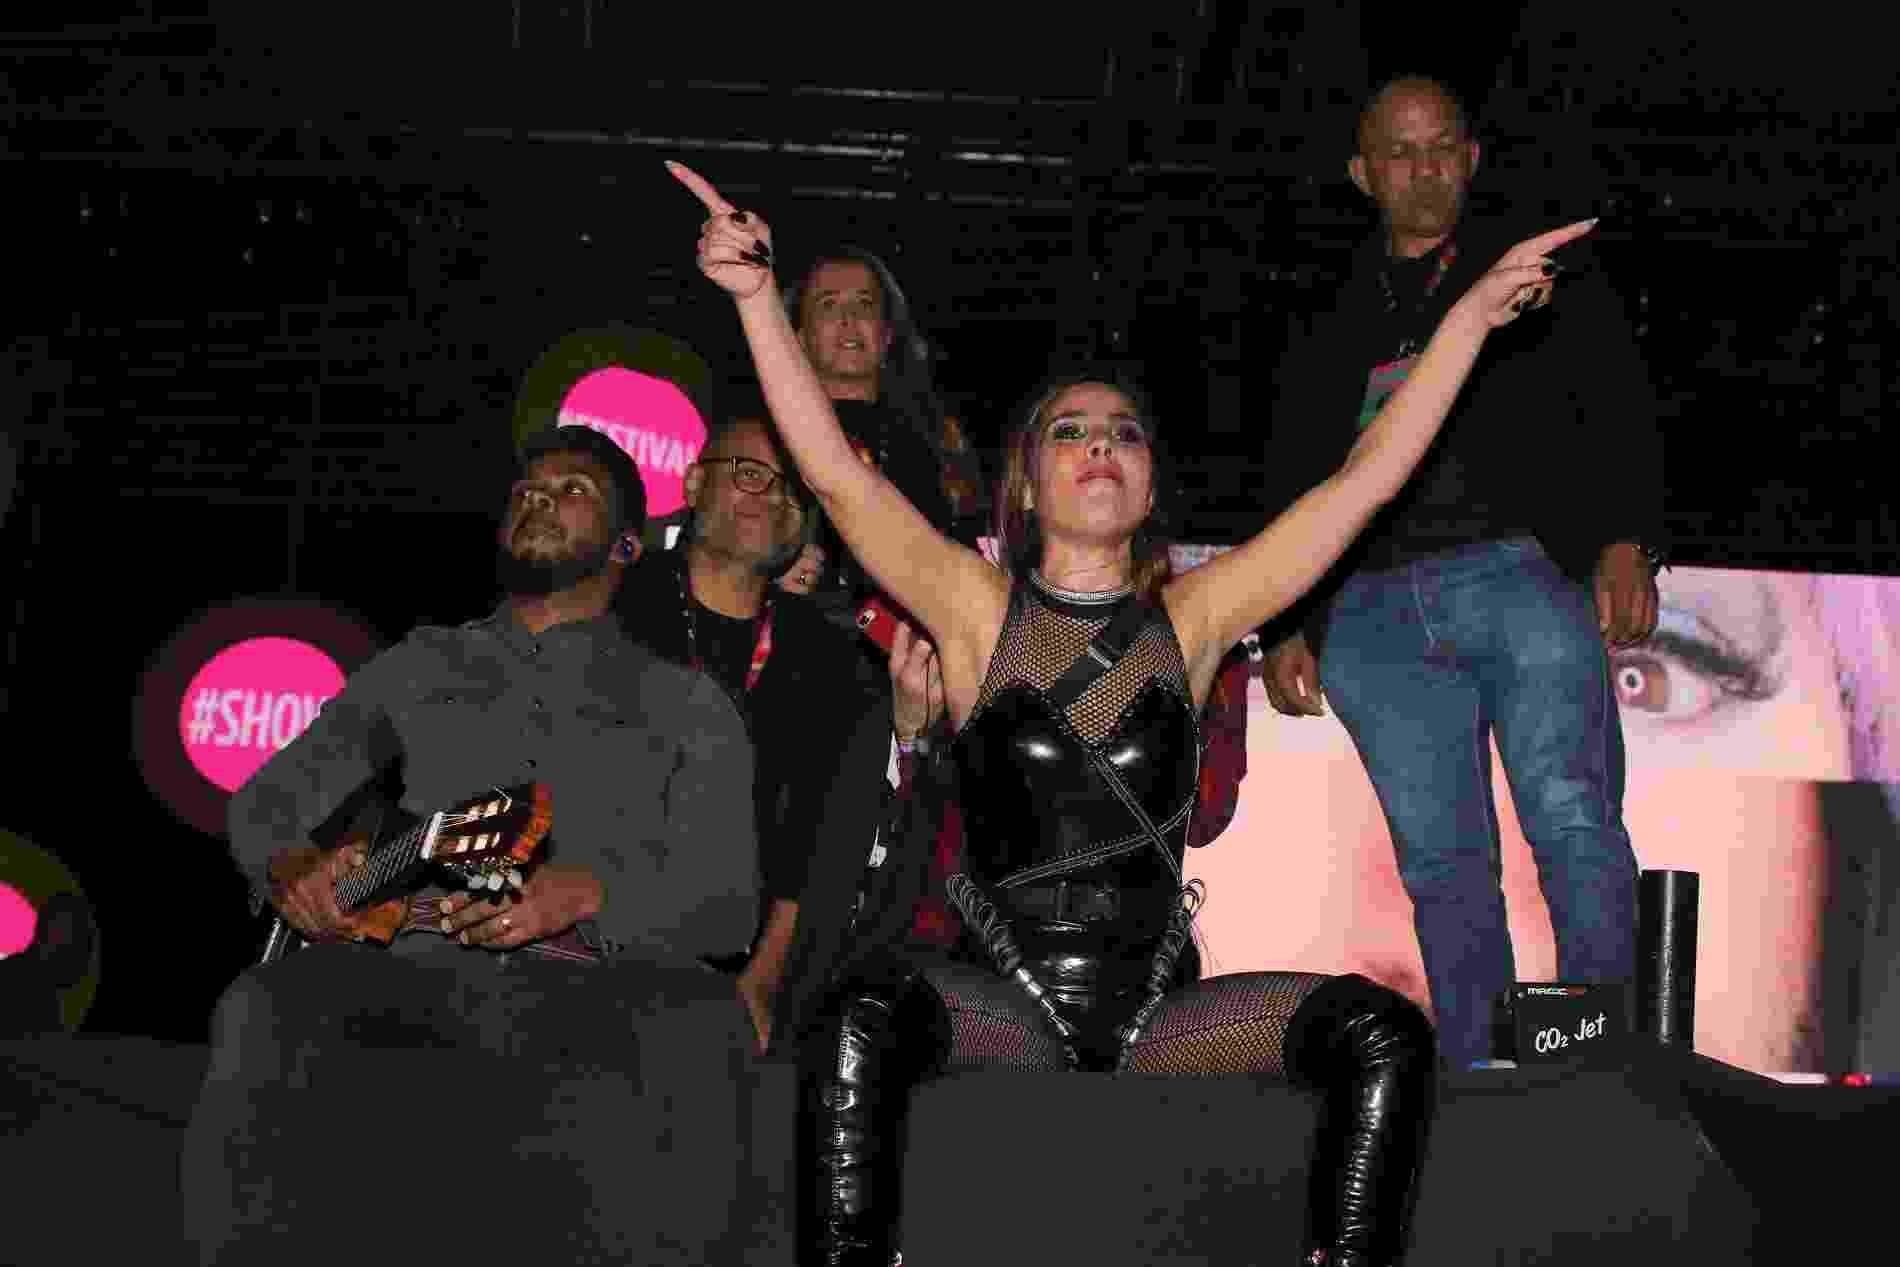 Com as luzes já apagadas, Wanessa Camargo se recusa a deixar o palco e é apoiada pelo público no Milkshake Festival. A mãe, Zilu, observa a situação - Thiago Duran/AgNews